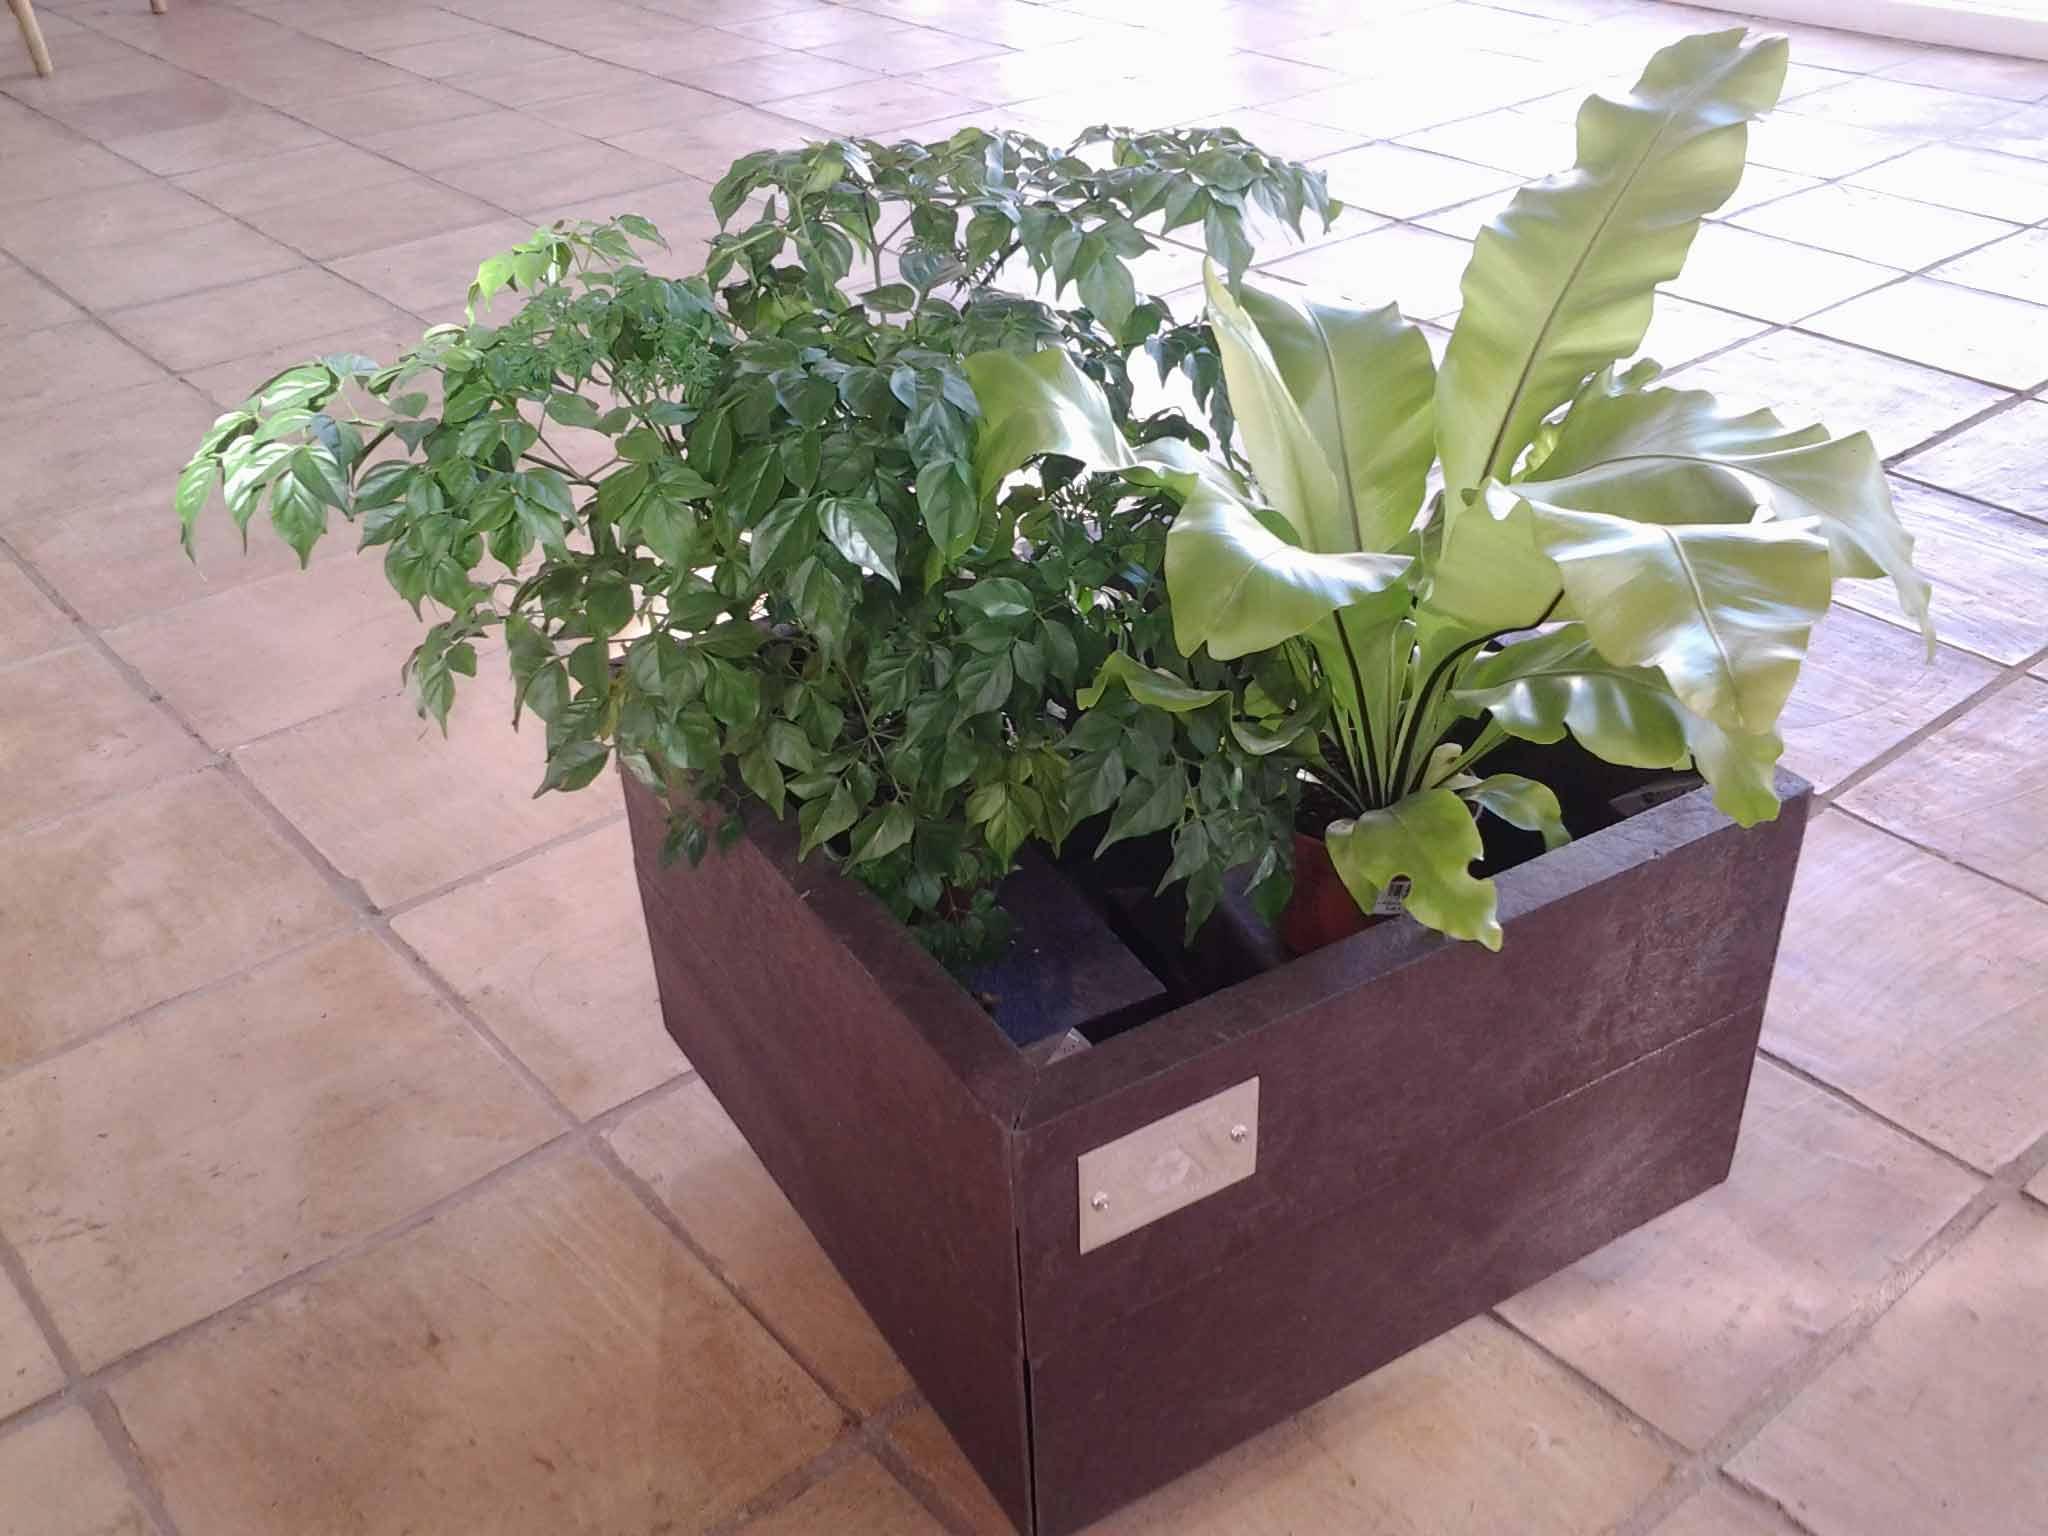 Imagenes de jardineras amazing malageno jardinera - Imagenes de jardineras ...